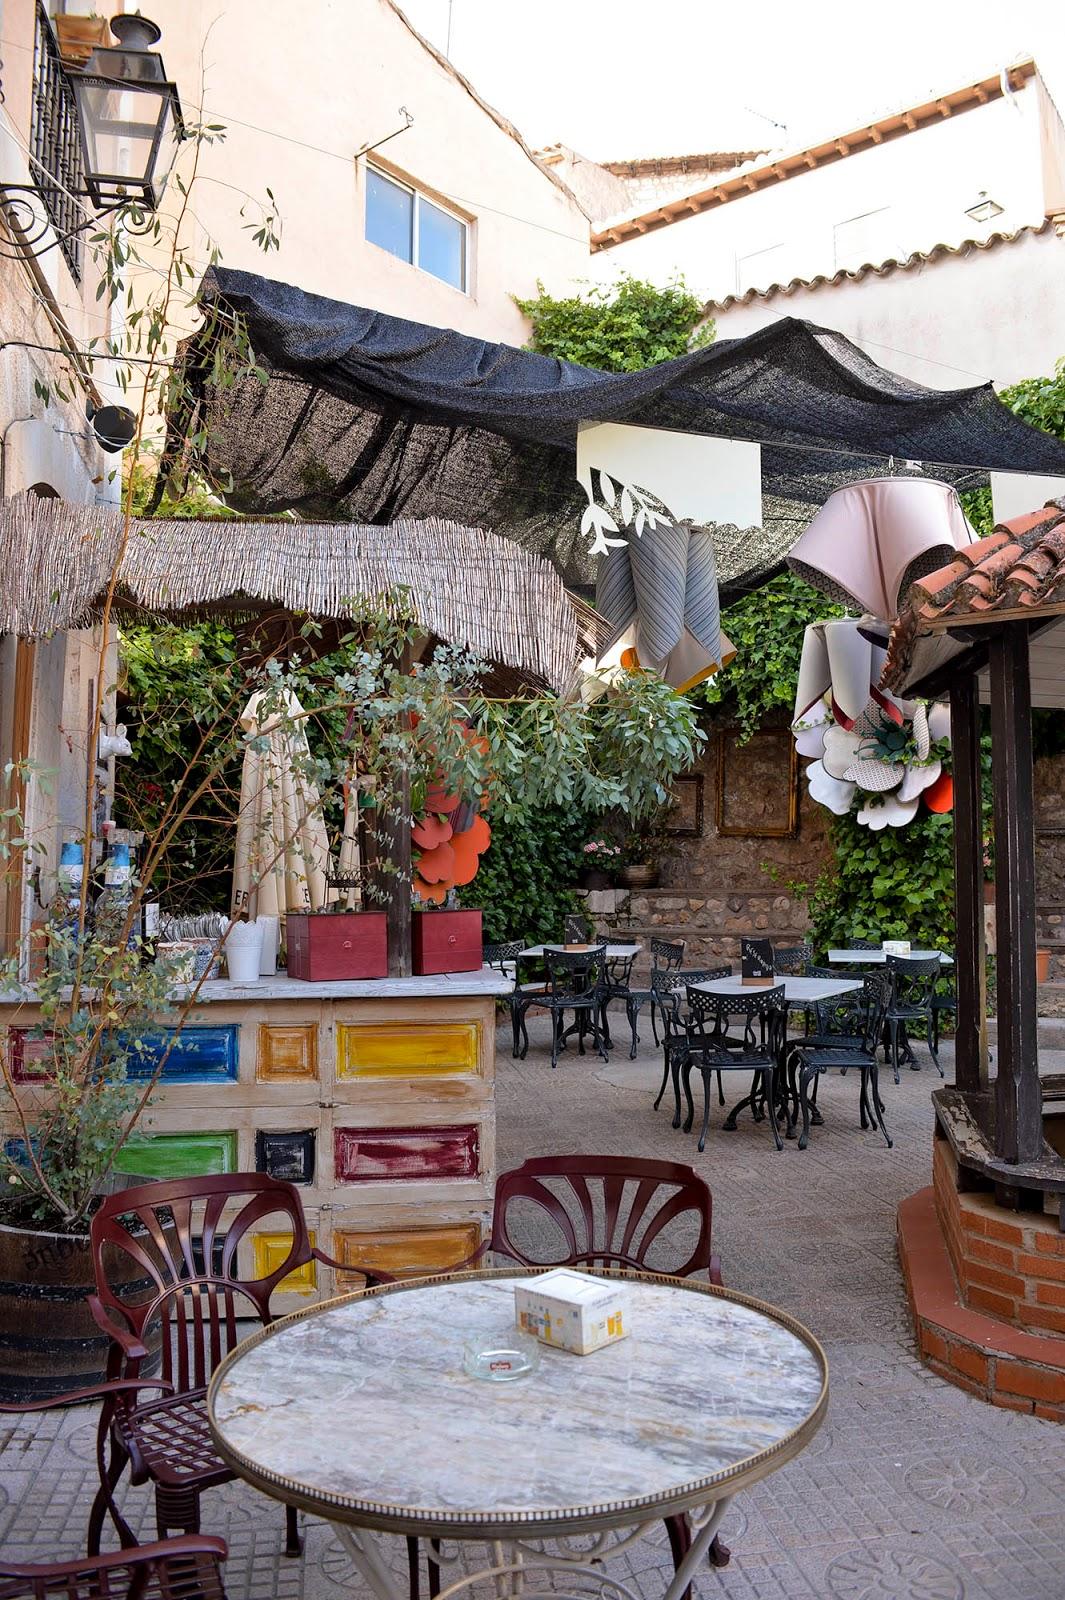 lerma burgos spain castile leon restaurant galoria beautiful village